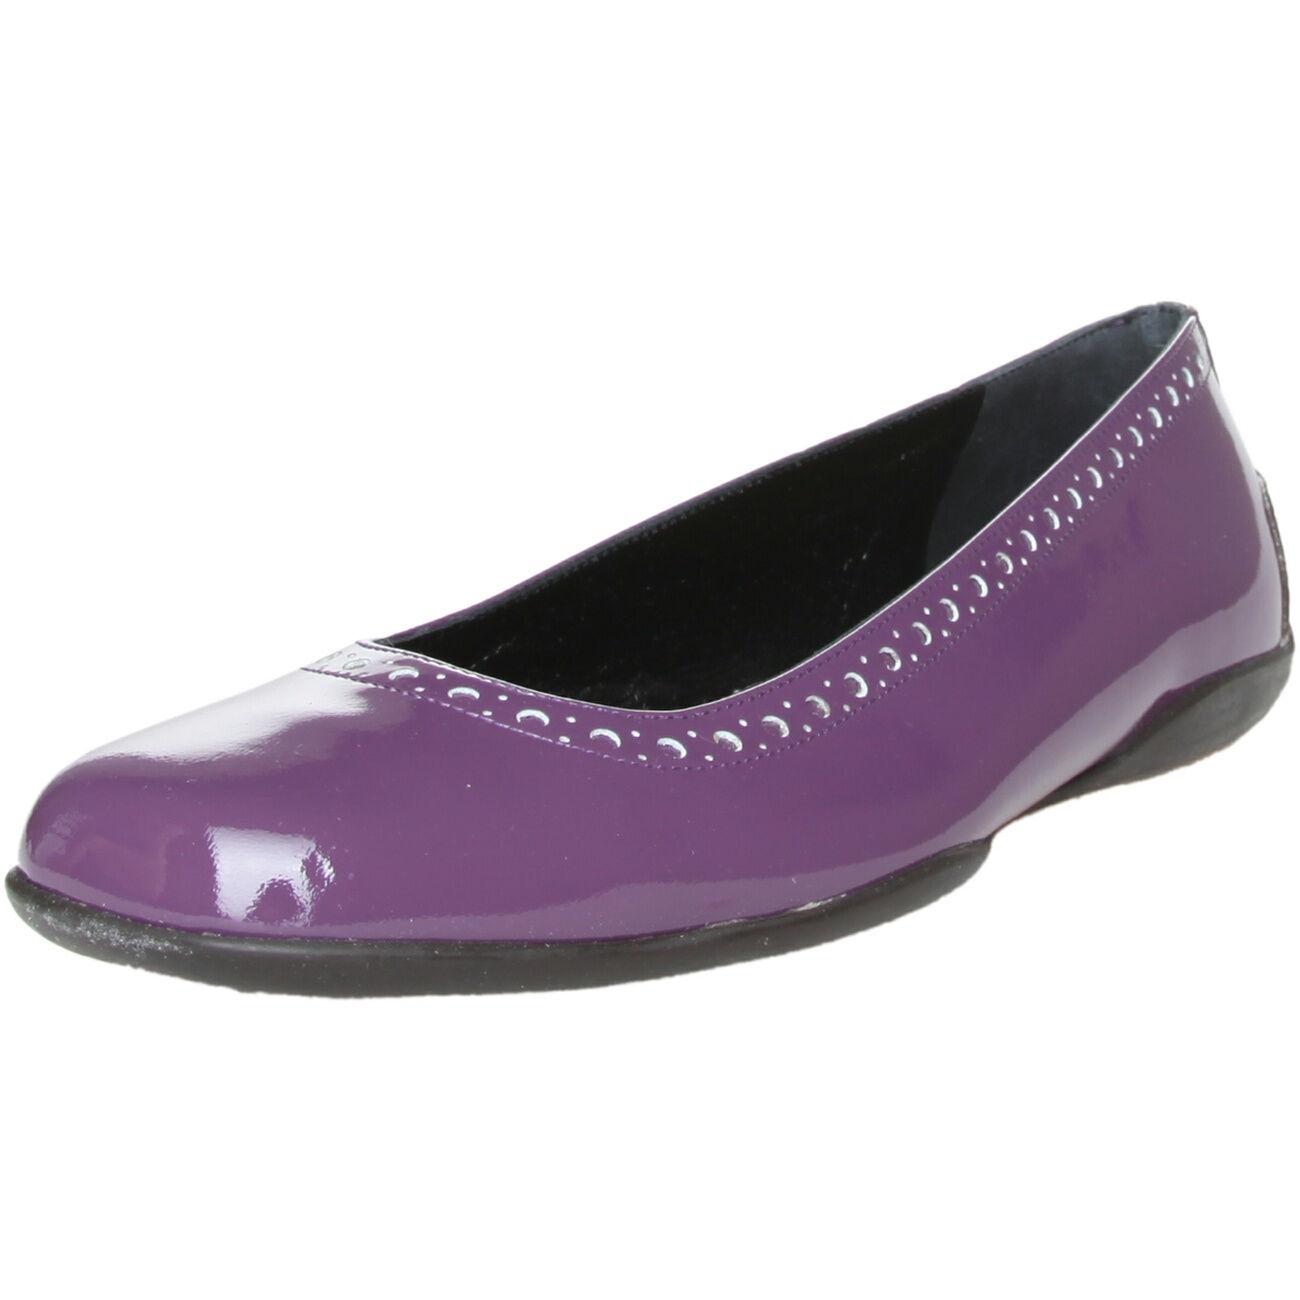 FRATELLI ROSSETTI Damenschuhe Slipper Moccasins Ballerinas EU 37 37.5